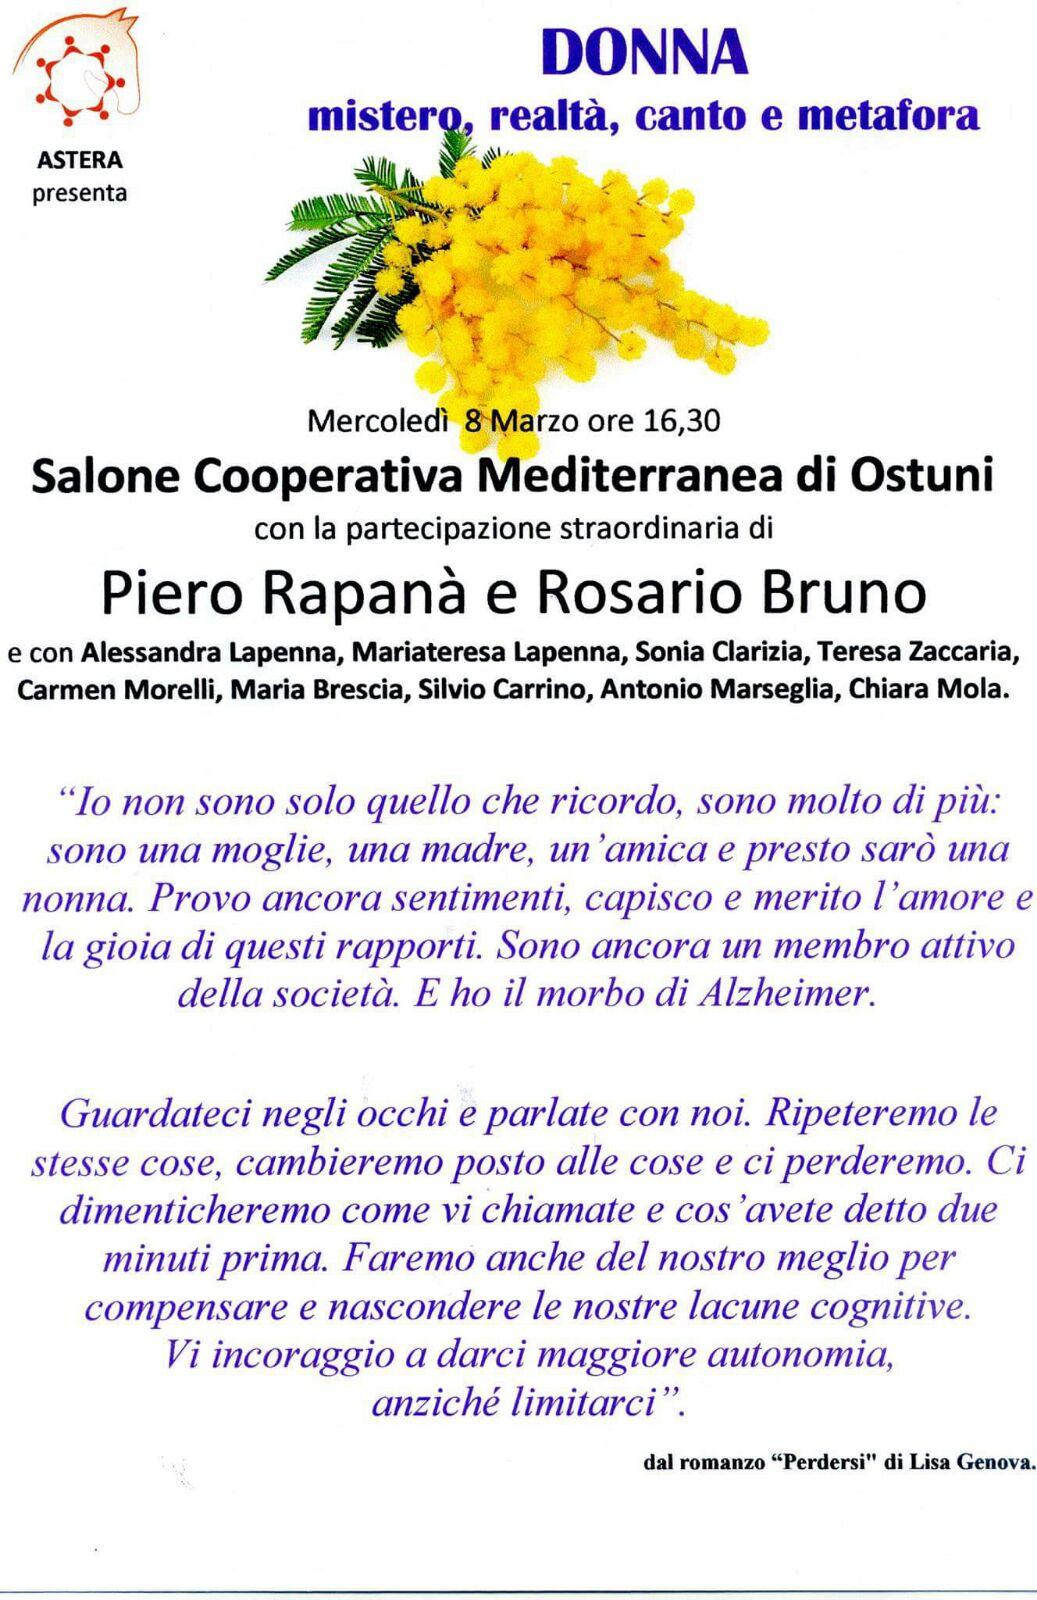 Festa della donna nella RSA Mediterranea Onlus di Ostuni